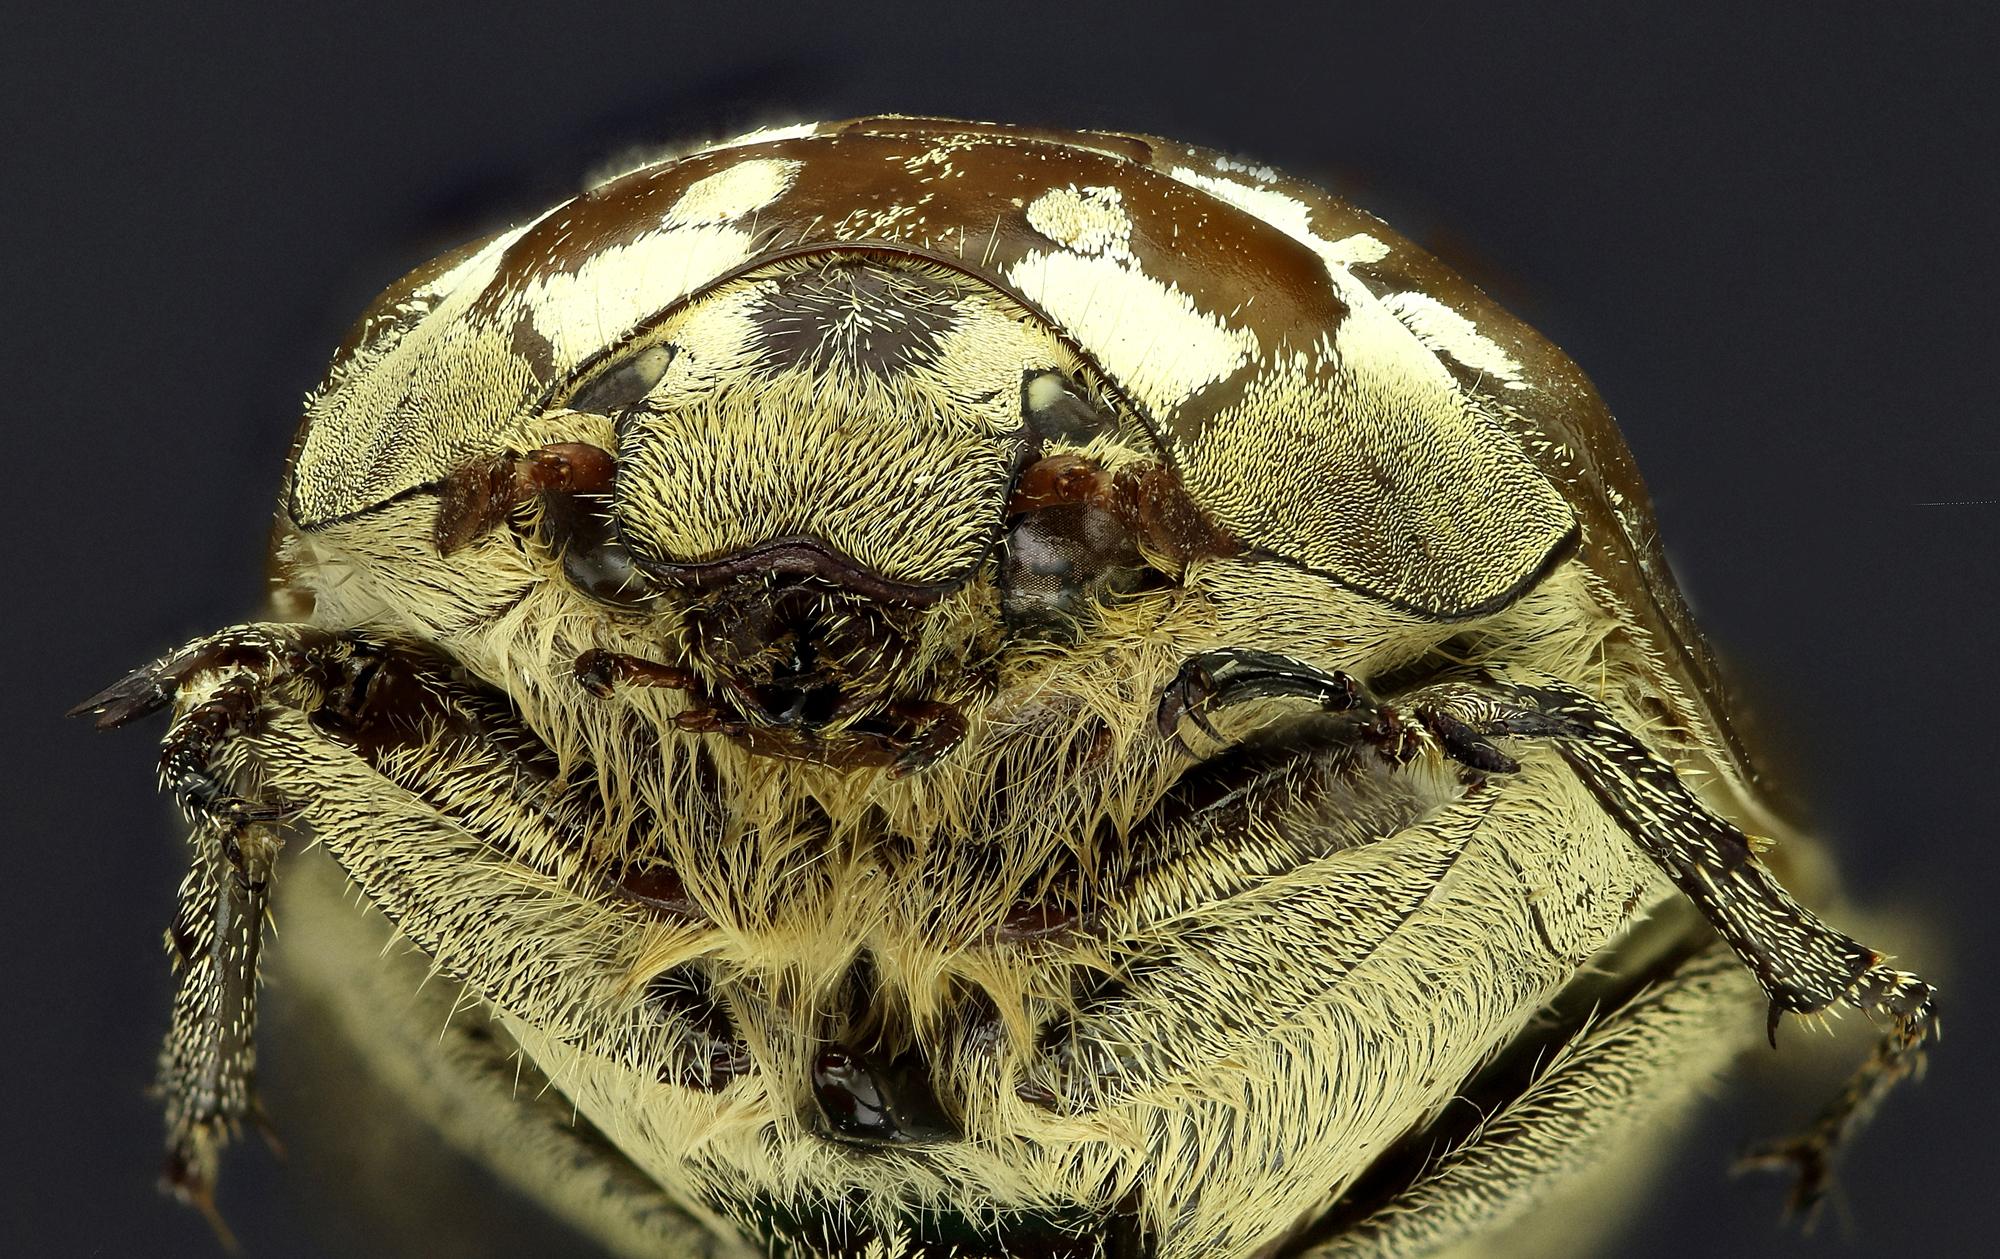 Zhangia maculata 26216zs59.jpg